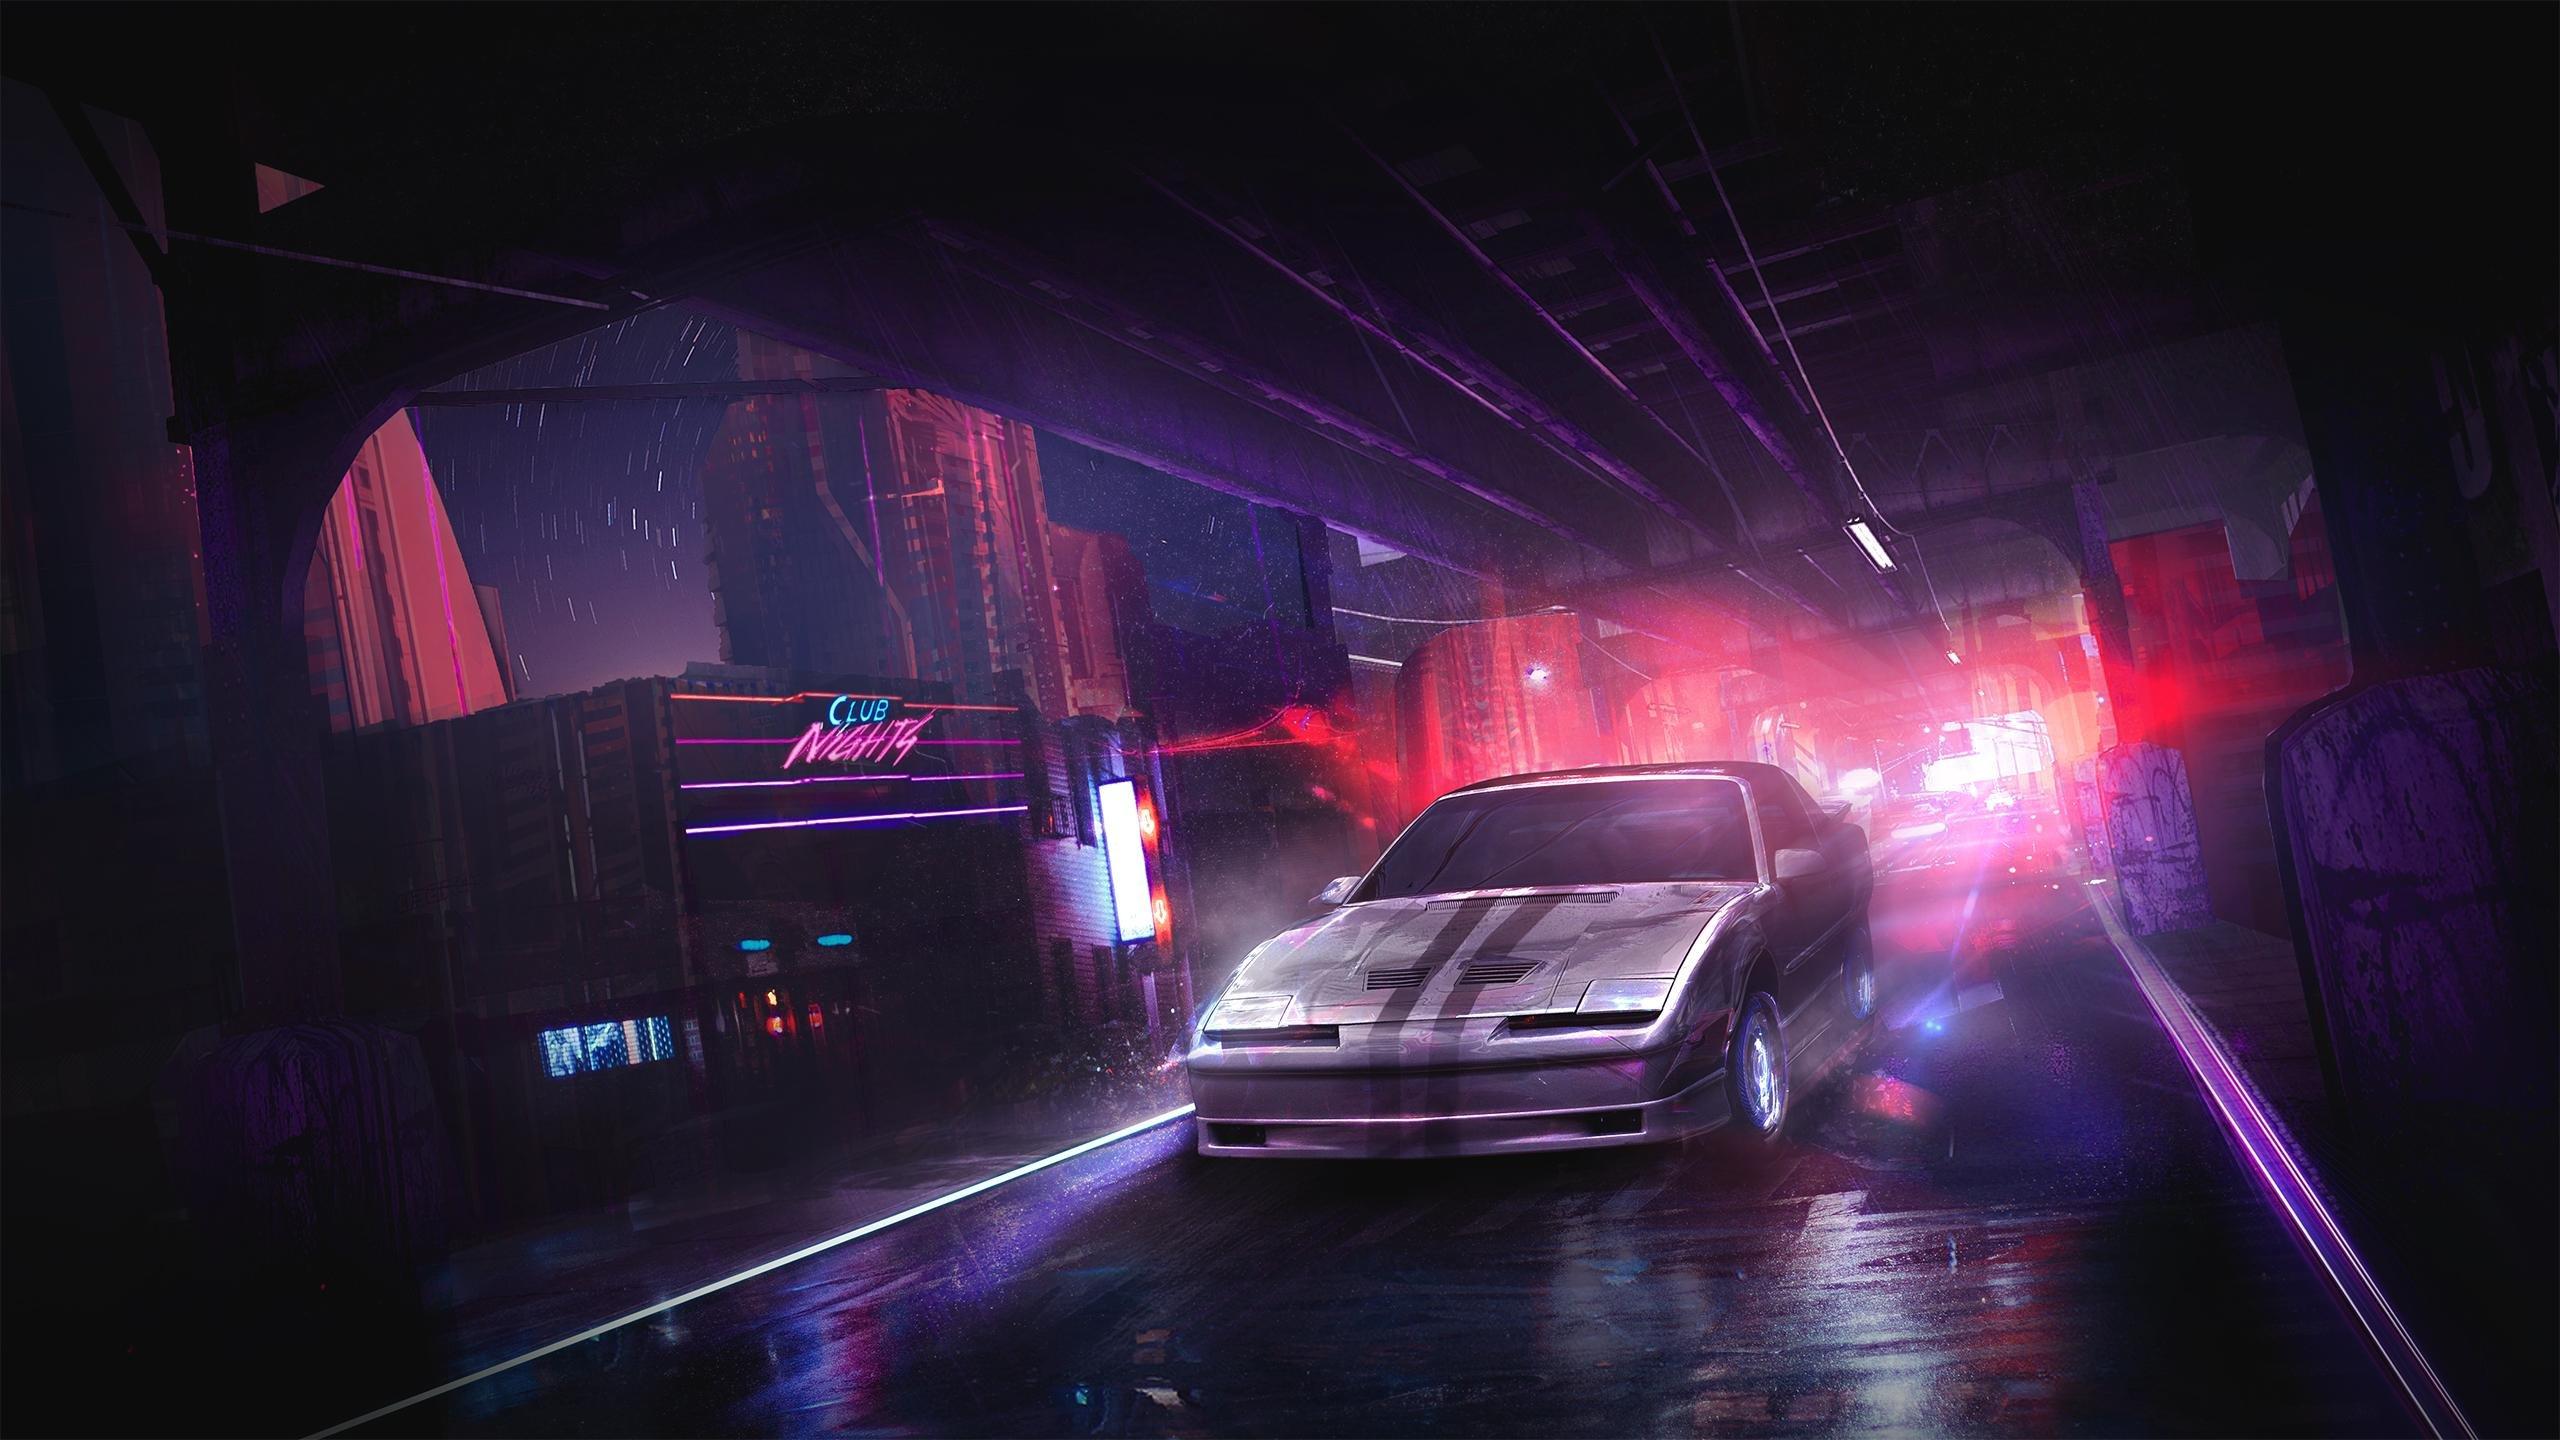 Neon Hd Wallpaper